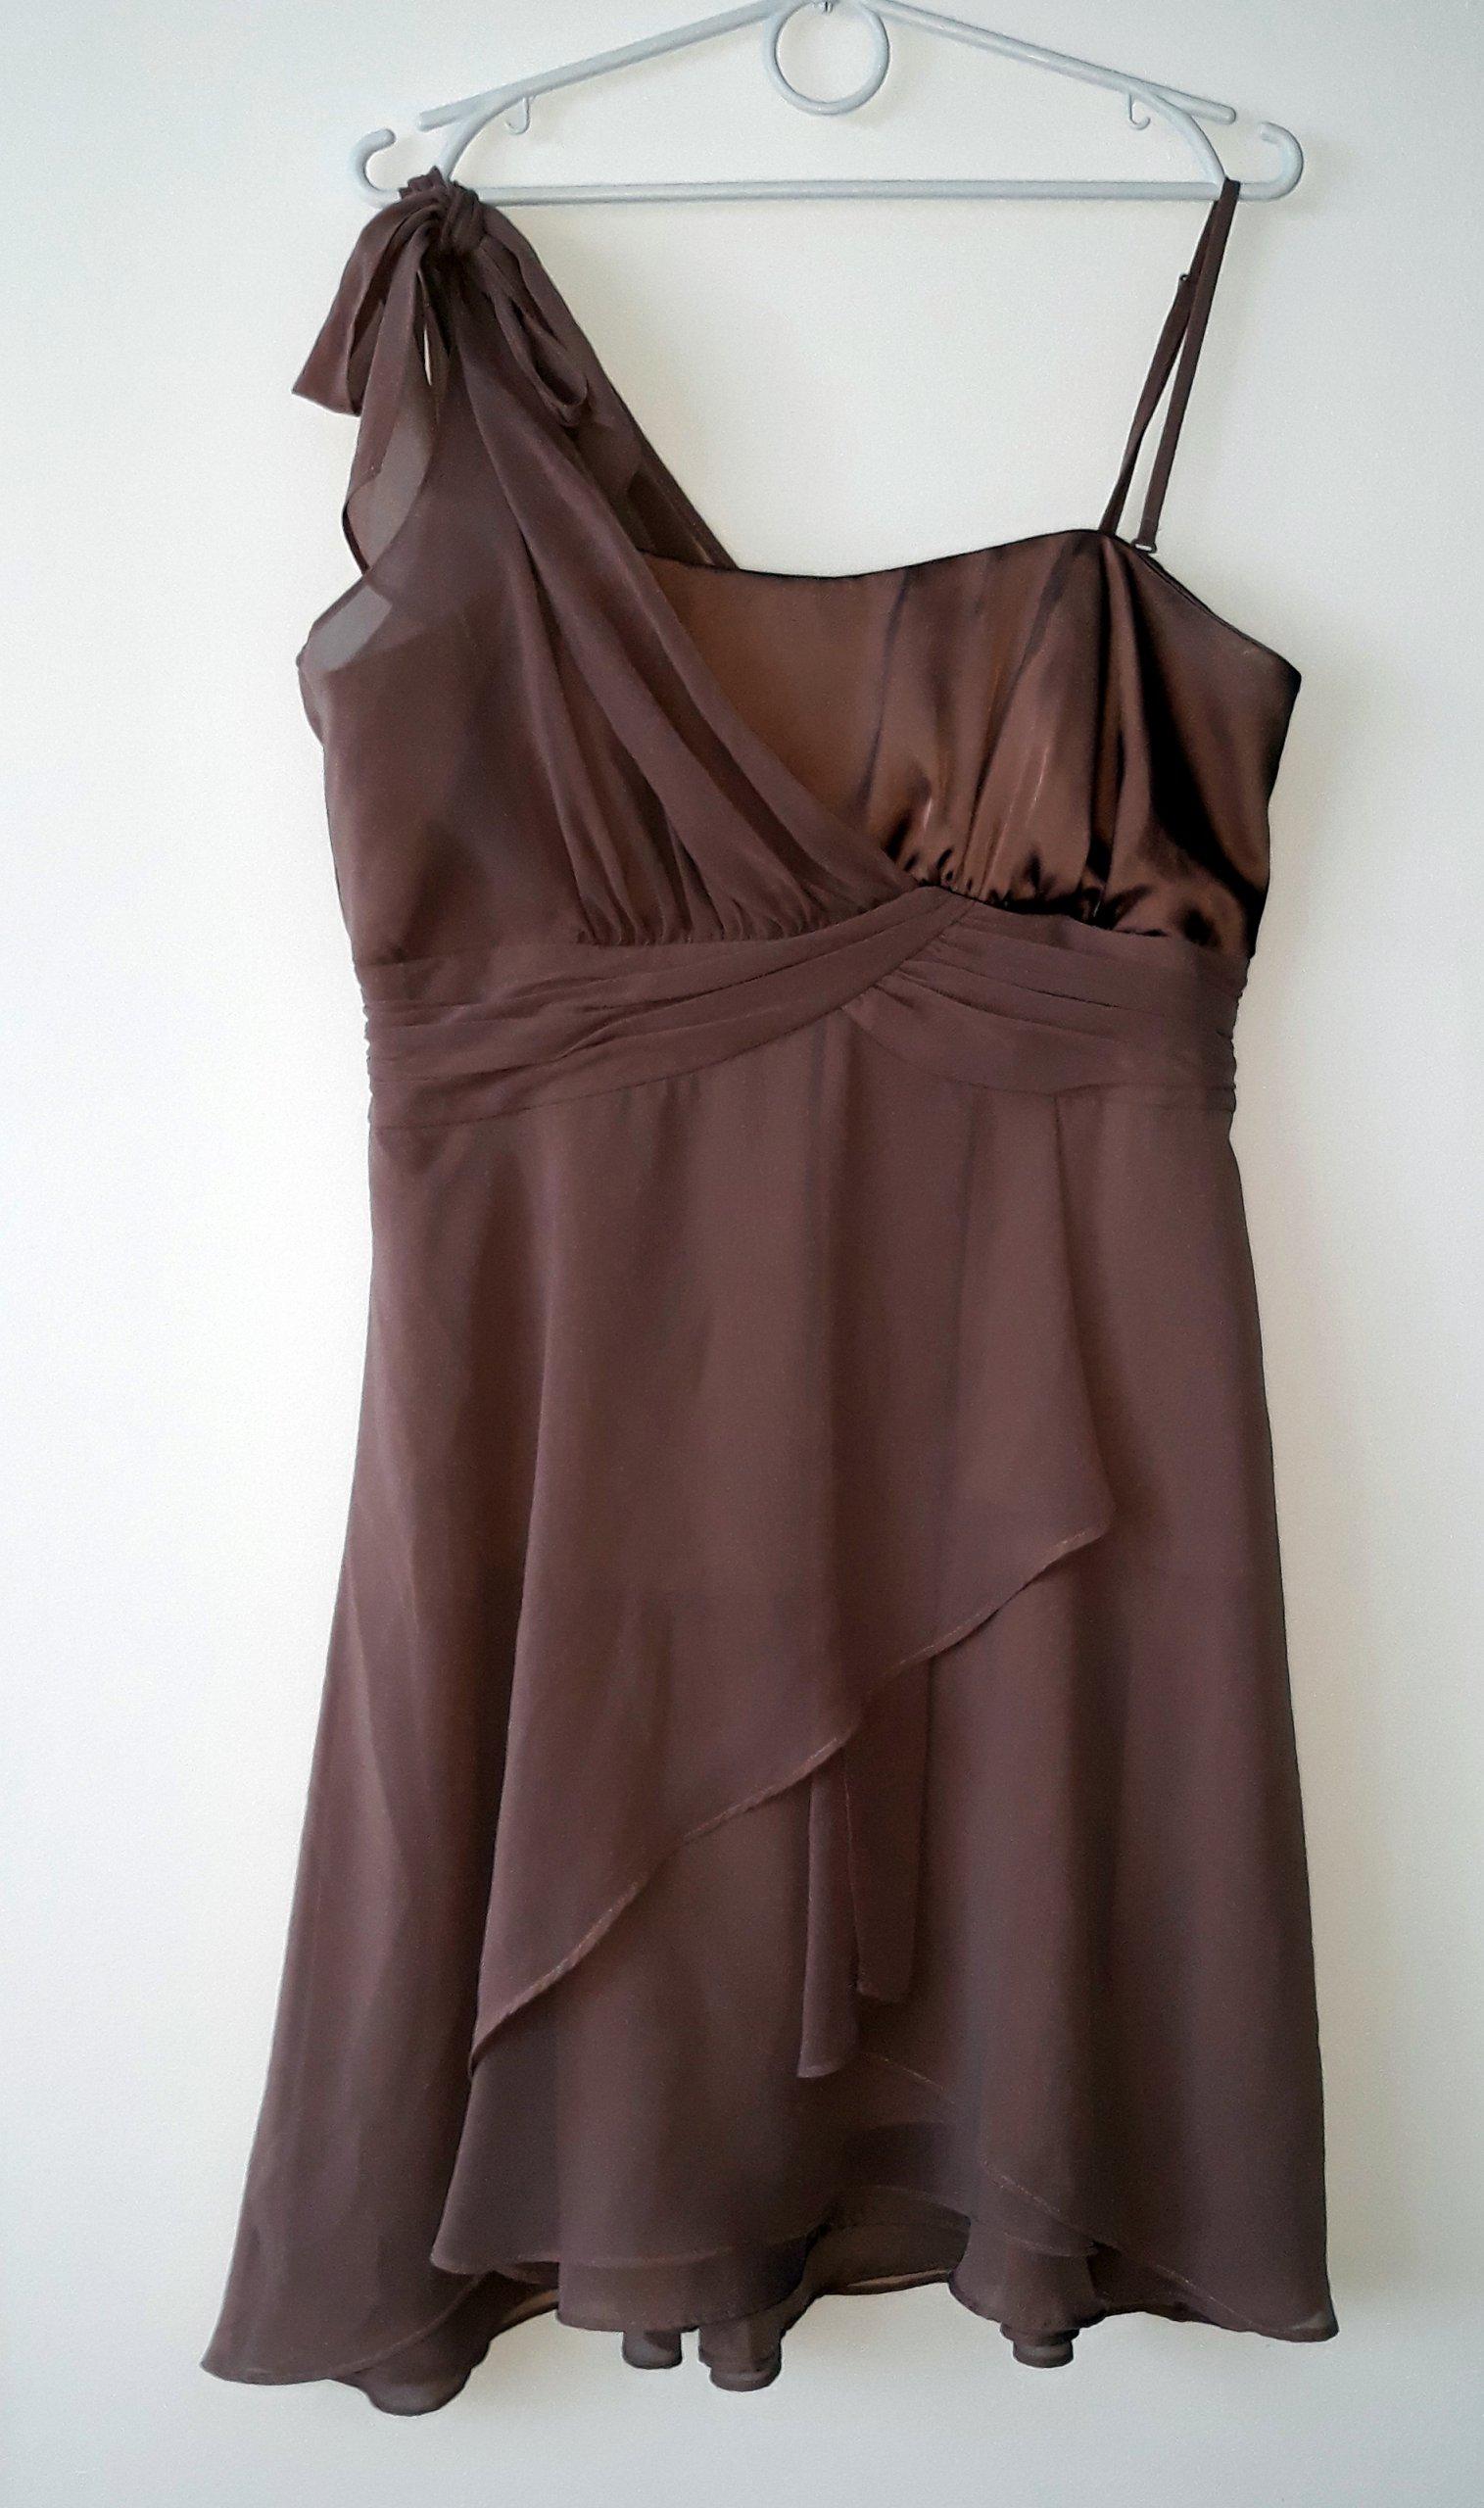 9d9df791c3 jak NOWA elegancka sukienka TARANKO roz 38 M - 7368548861 ...